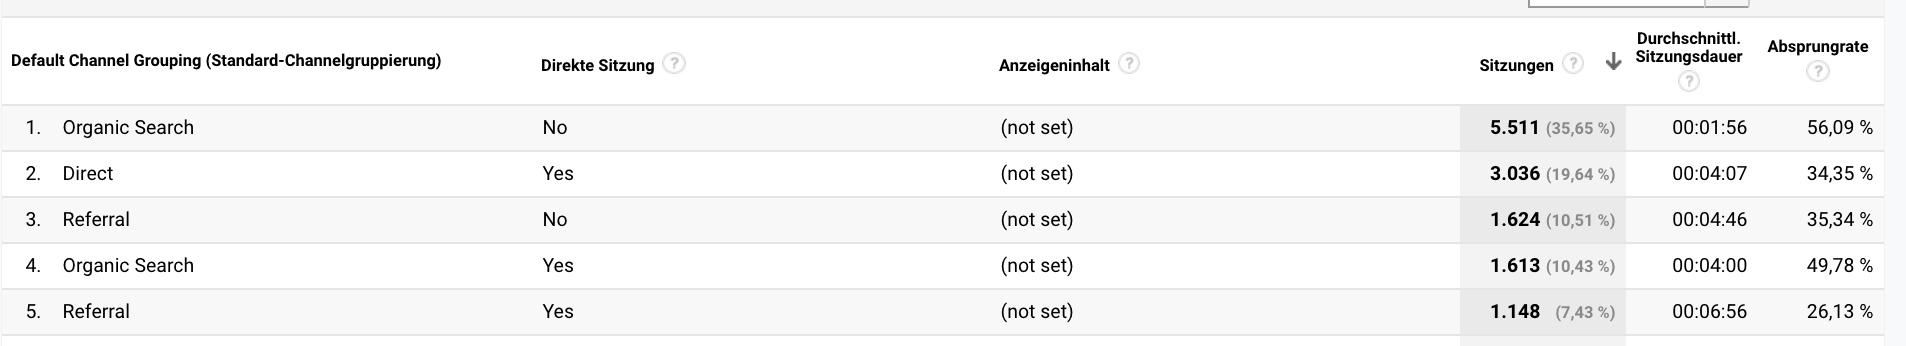 Screenshot des eines benutzerdefinierten Reports